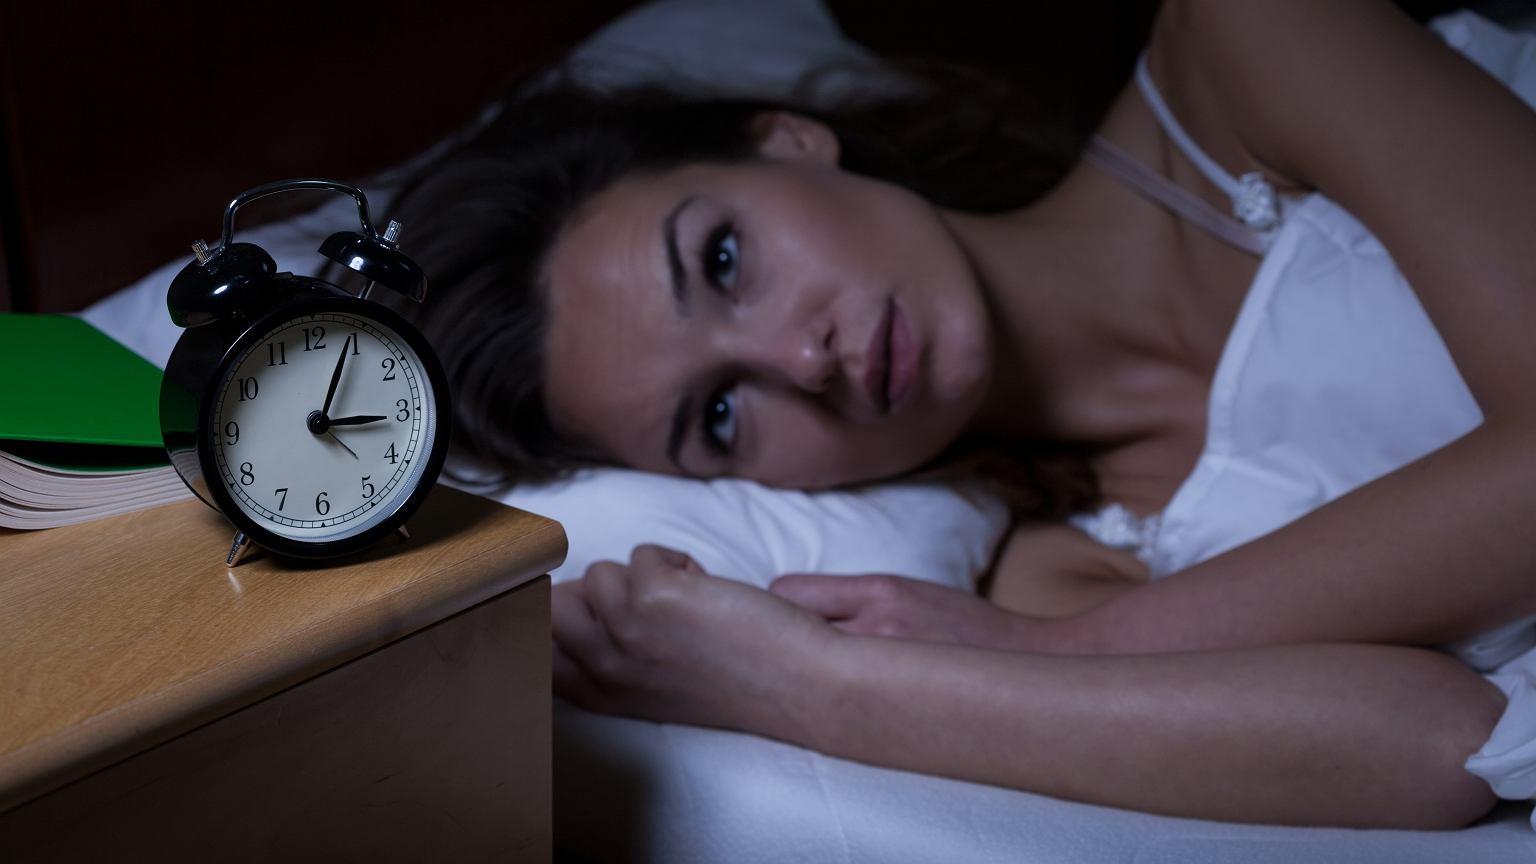 Dziś zaburzenia snu zalicza się albo do grupy chorób psychiatrycznych, albo neurologicznych